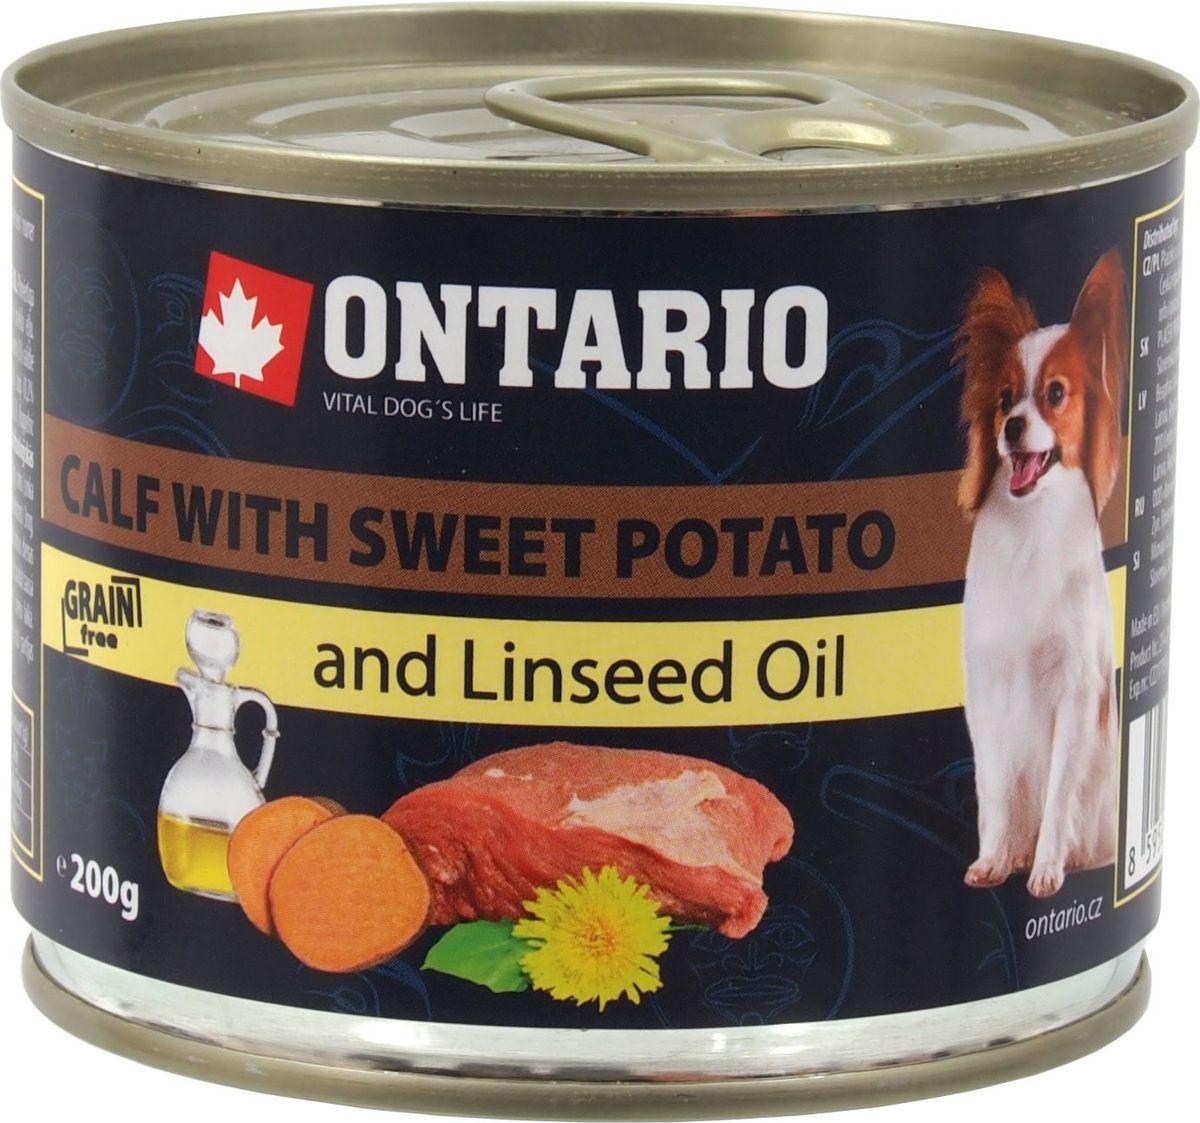 Консервы Ontario Mini для собак мелких пород, с телятиной и бататом, 200 г0120710Консервы Ontario Mini - это полнорационный корм для собак мелких пород. Для этих консервов отобраны только самые лучшие ингредиенты, чтобы порадовать вашего пушистого гурмана. При изготовлении консервов используется только отборное мясо и натуральный мясной бульон, а также витамины и минералы для поддержания здоровья питомца. Льняное масло известно своими противовоспалительными свойствами, оно оказывает положительное влияние на функцию сердца и почек, улучшает обмен веществ и укрепляет иммунитет, способствует усвоению витаминов. Одуванчик богат витаминами и микроэлементами, содержит жирные масла и органические кислоты, а также такие вещества, как тараксацин и тараксацерин, способствующие пищеварению.Состав: 65% мясо и его производные (из которых 30% телятина), бульон (28,3%), овощи (5% картофель), 1% минералы, масла и жиры (0,5% льняное масло), травы (0,2% одуванчик).Гарантированный анализ: белок 10,3%, жир 6,2%, зола 2%, клетчатка 0,4%, влага 75%.Добавки: Витамин D3 200 МЕ, Витамин E, all rac-альфа-токоферол ацетат 30 мг, Моногидрат сульфата цинка 15 мг, Сульфат марганца II моногидрат 3 мг, Йодат кальция безводного 0,75 мг.Товар сертифицирован.